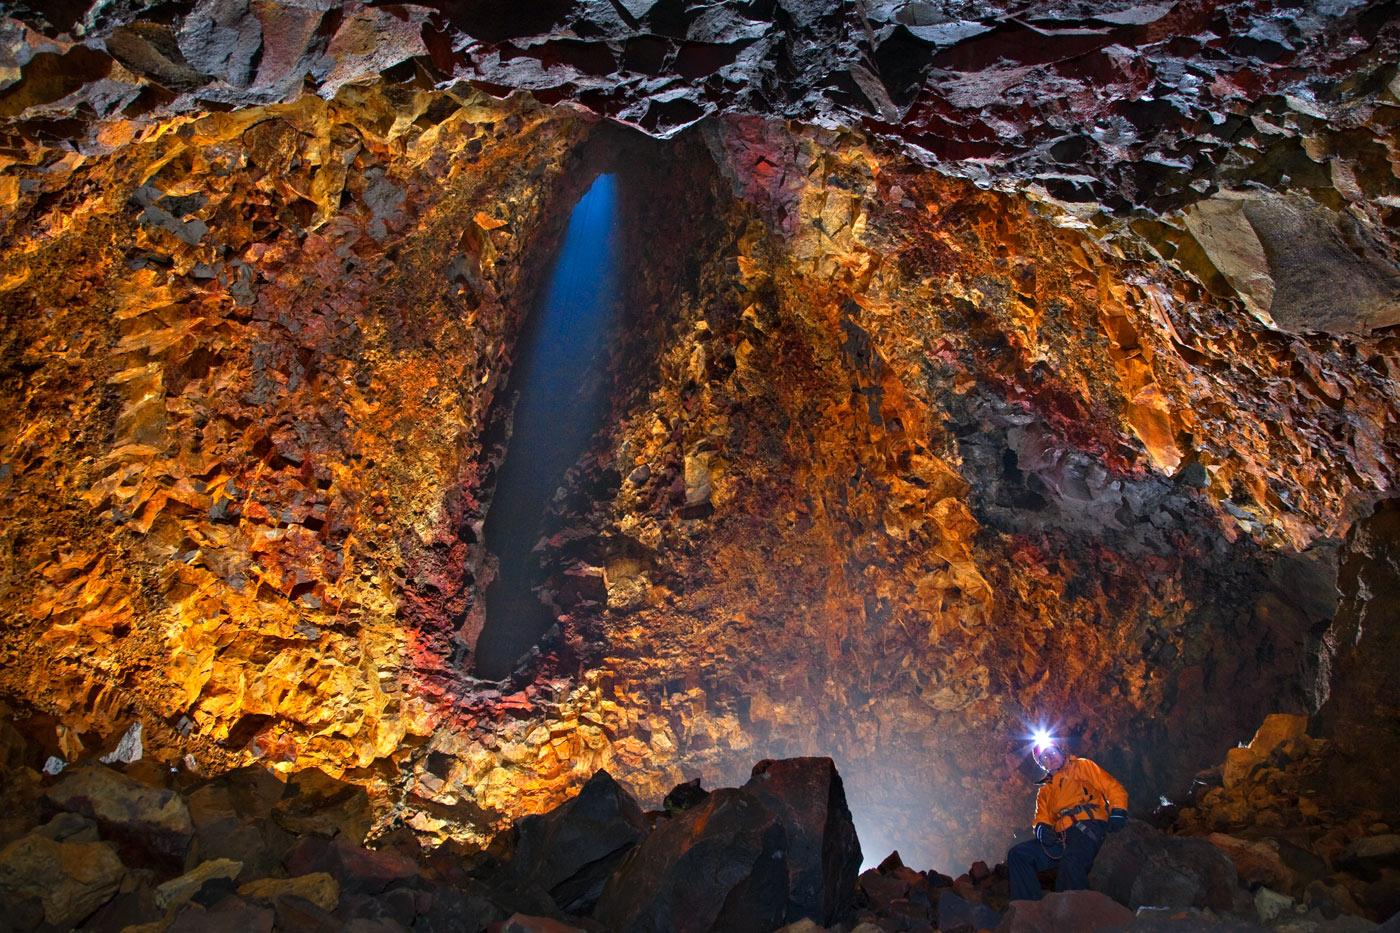 Комботур 3 в 1 со скидкой | Золотое кольцо, Снайфелльснес и экскурсия в жерло вулкана - day 3